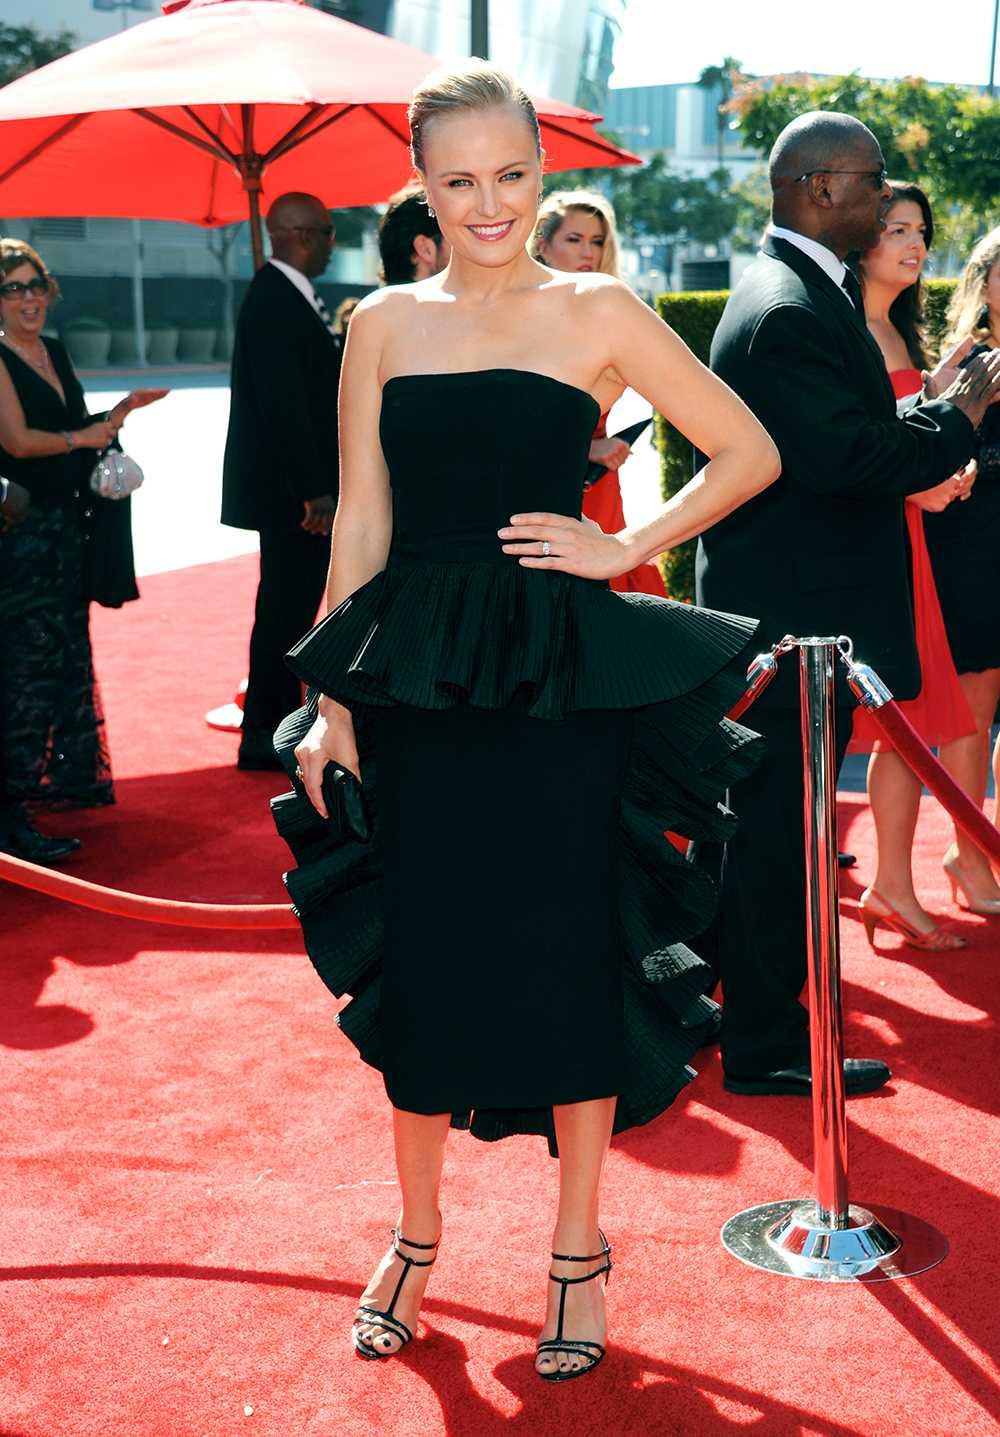 Malin Åkerman Svenska Malin Åkerman gick på Creative Arts Emmy-galan i spännande svart klänning och stram uppsättning – strålande!